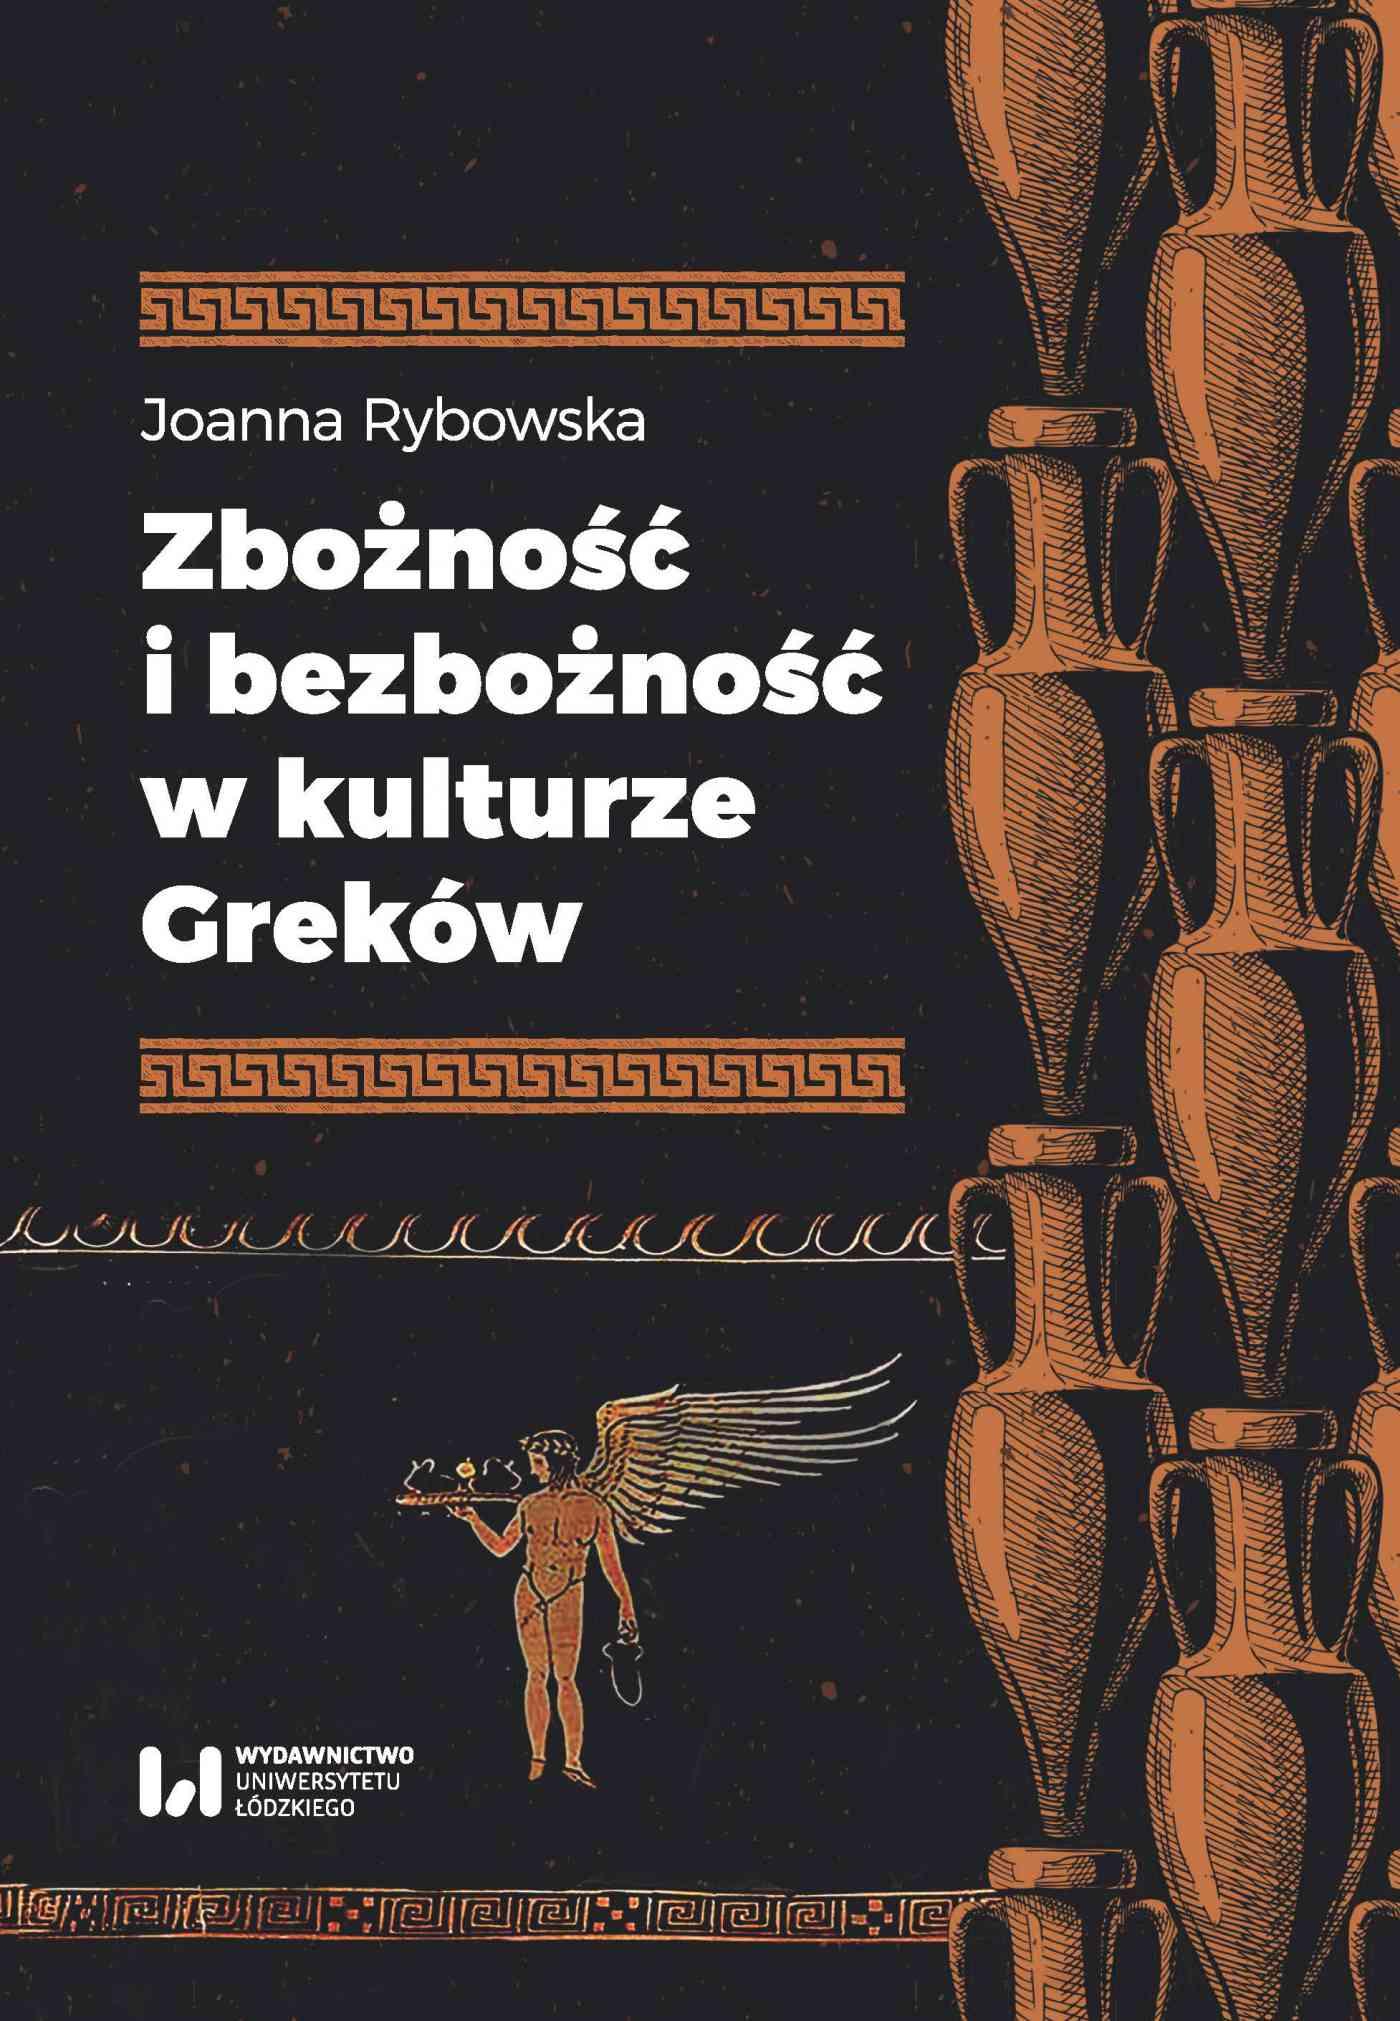 Zbożność i bezbożność w kulturze Greków - Ebook (Książka PDF) do pobrania w formacie PDF